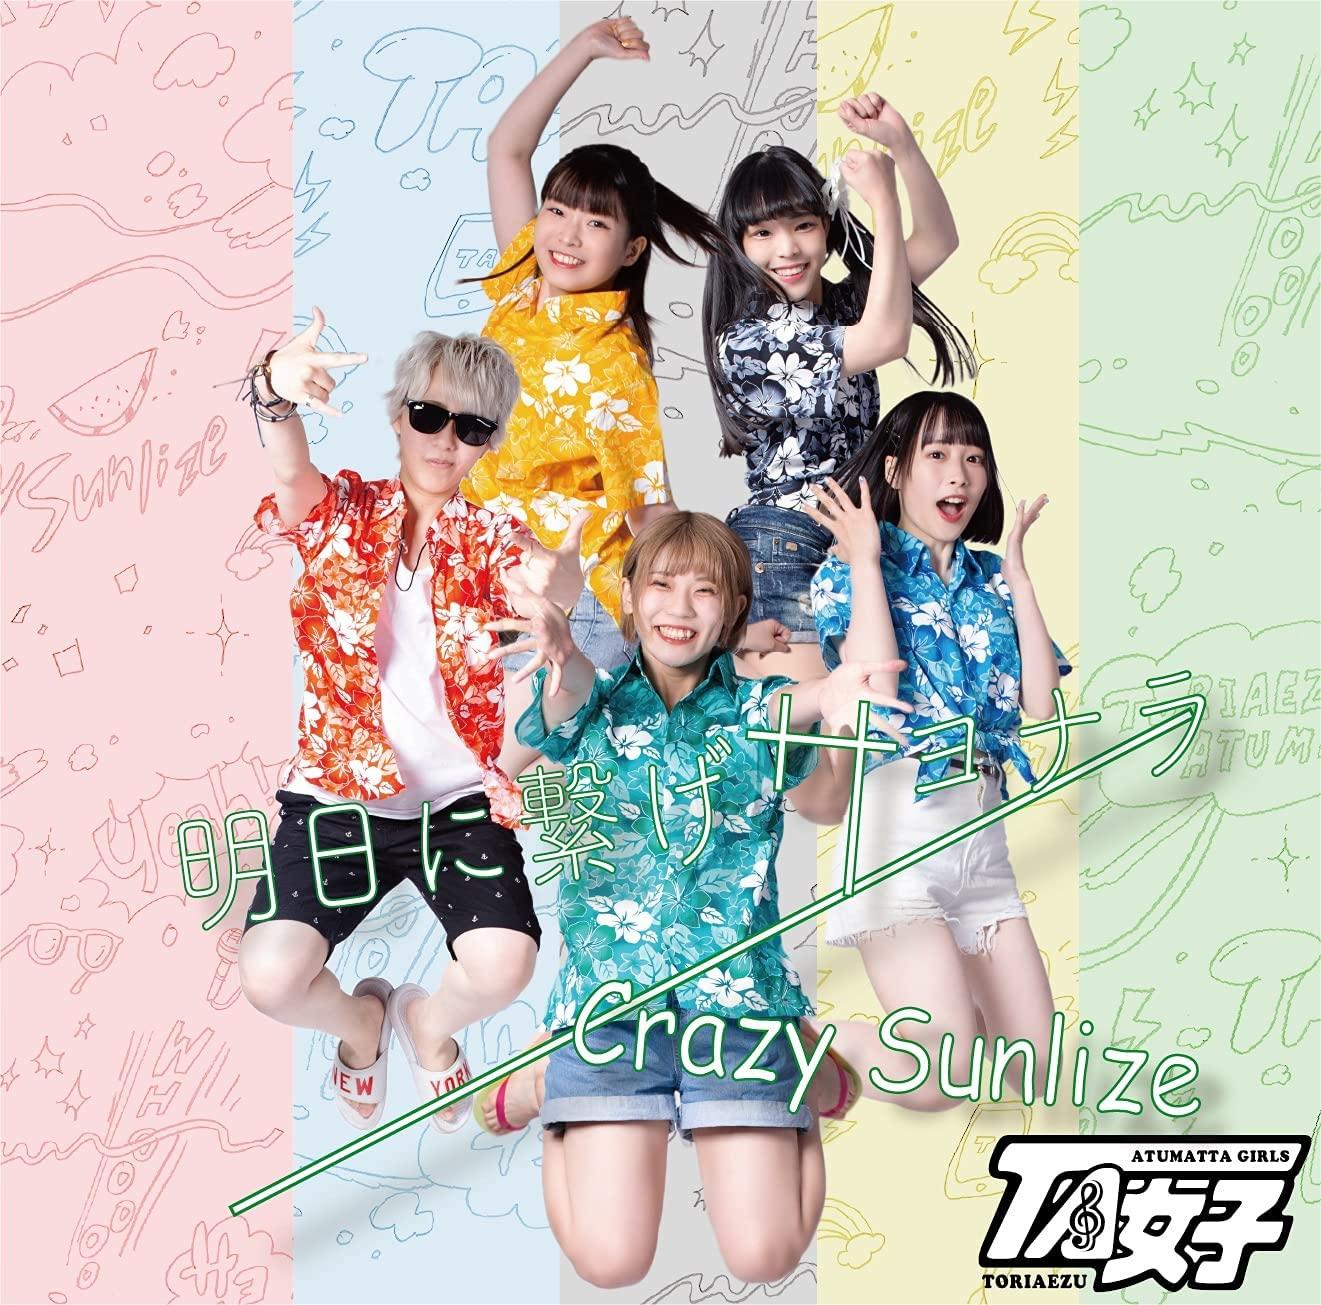 「明日に繋げサヨナラ」/「Crazy Sunlize」 D盤